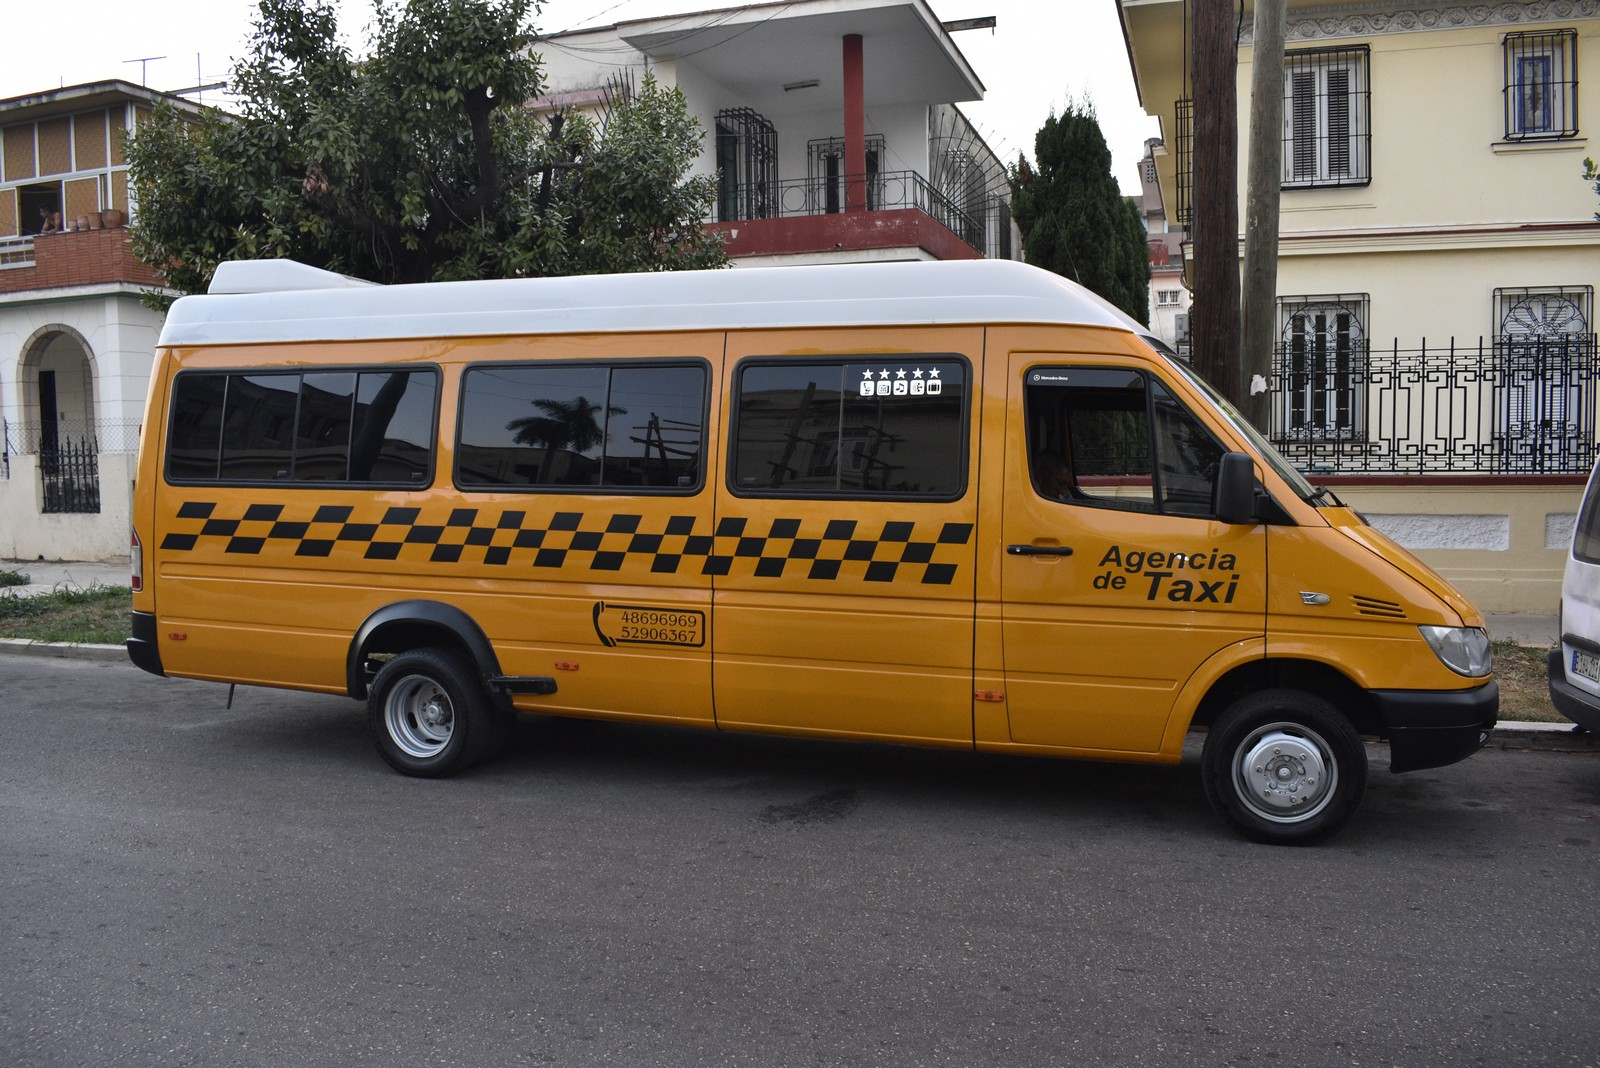 Van Paquito